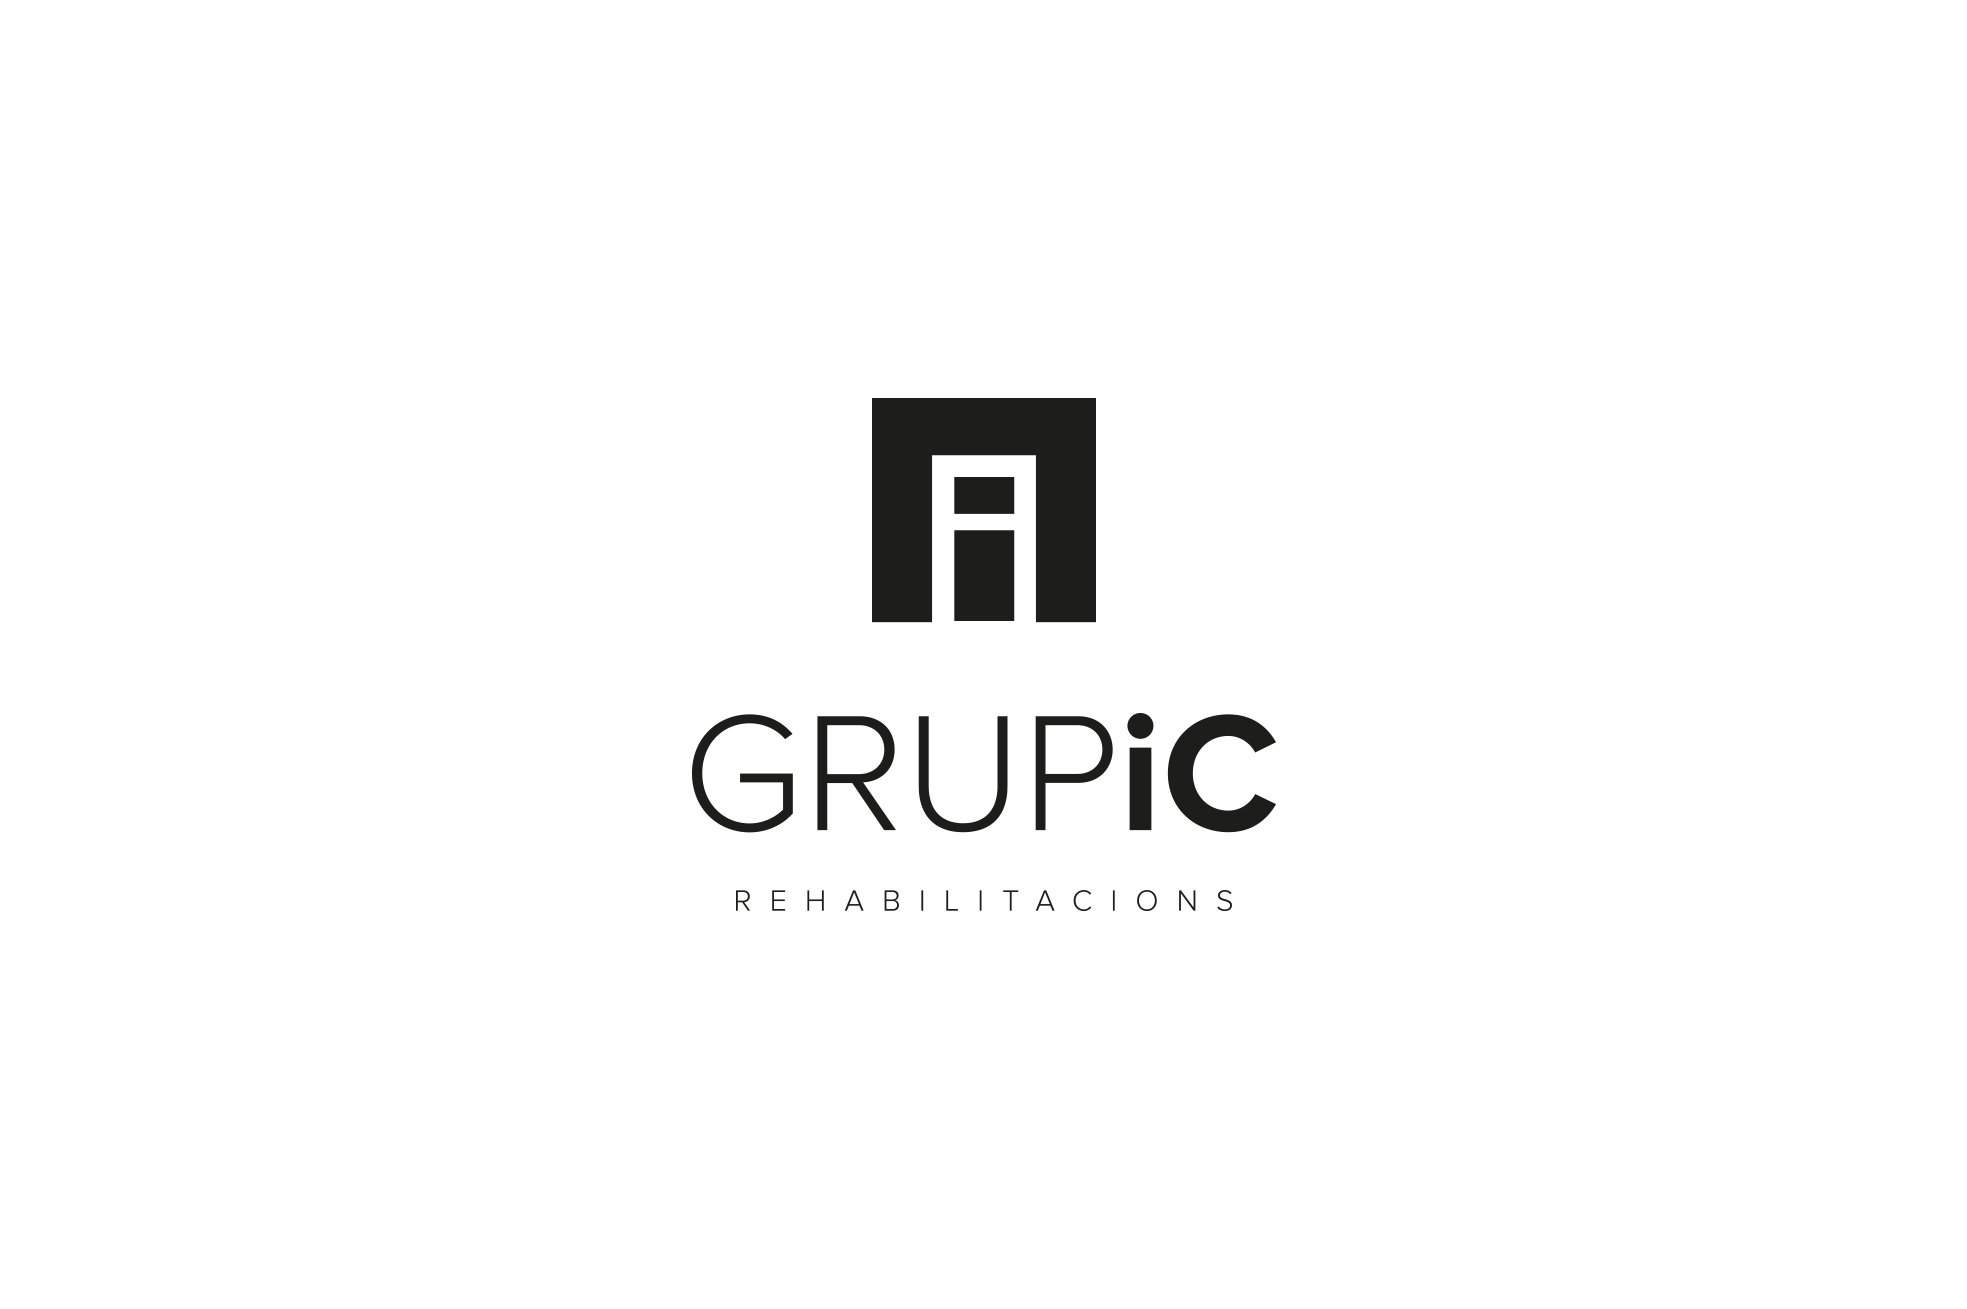 GRUPIC | Identidad